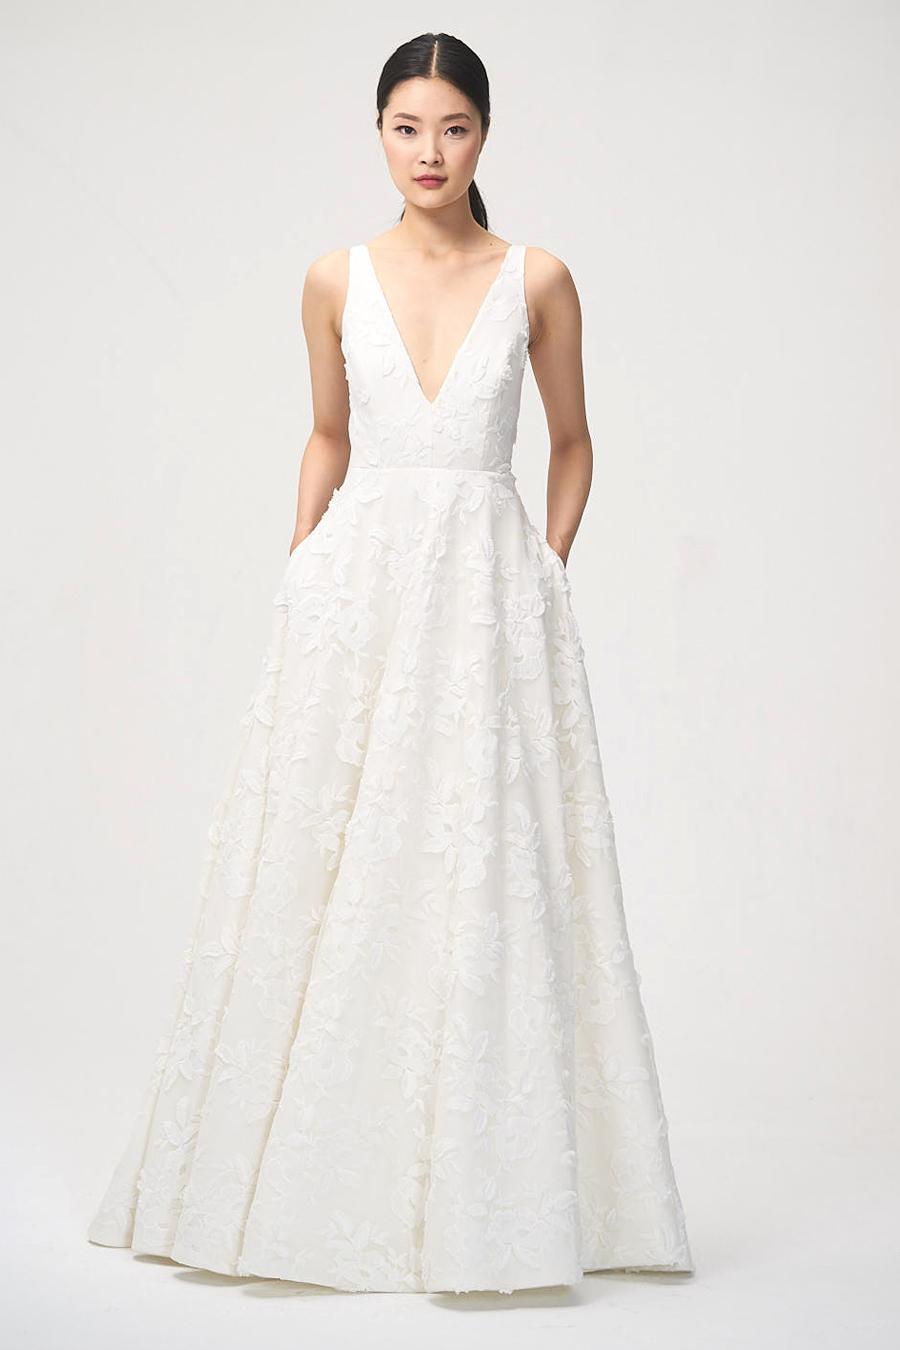 jenny by jenny yoo fall 2018 v-neck a-line wedding dress